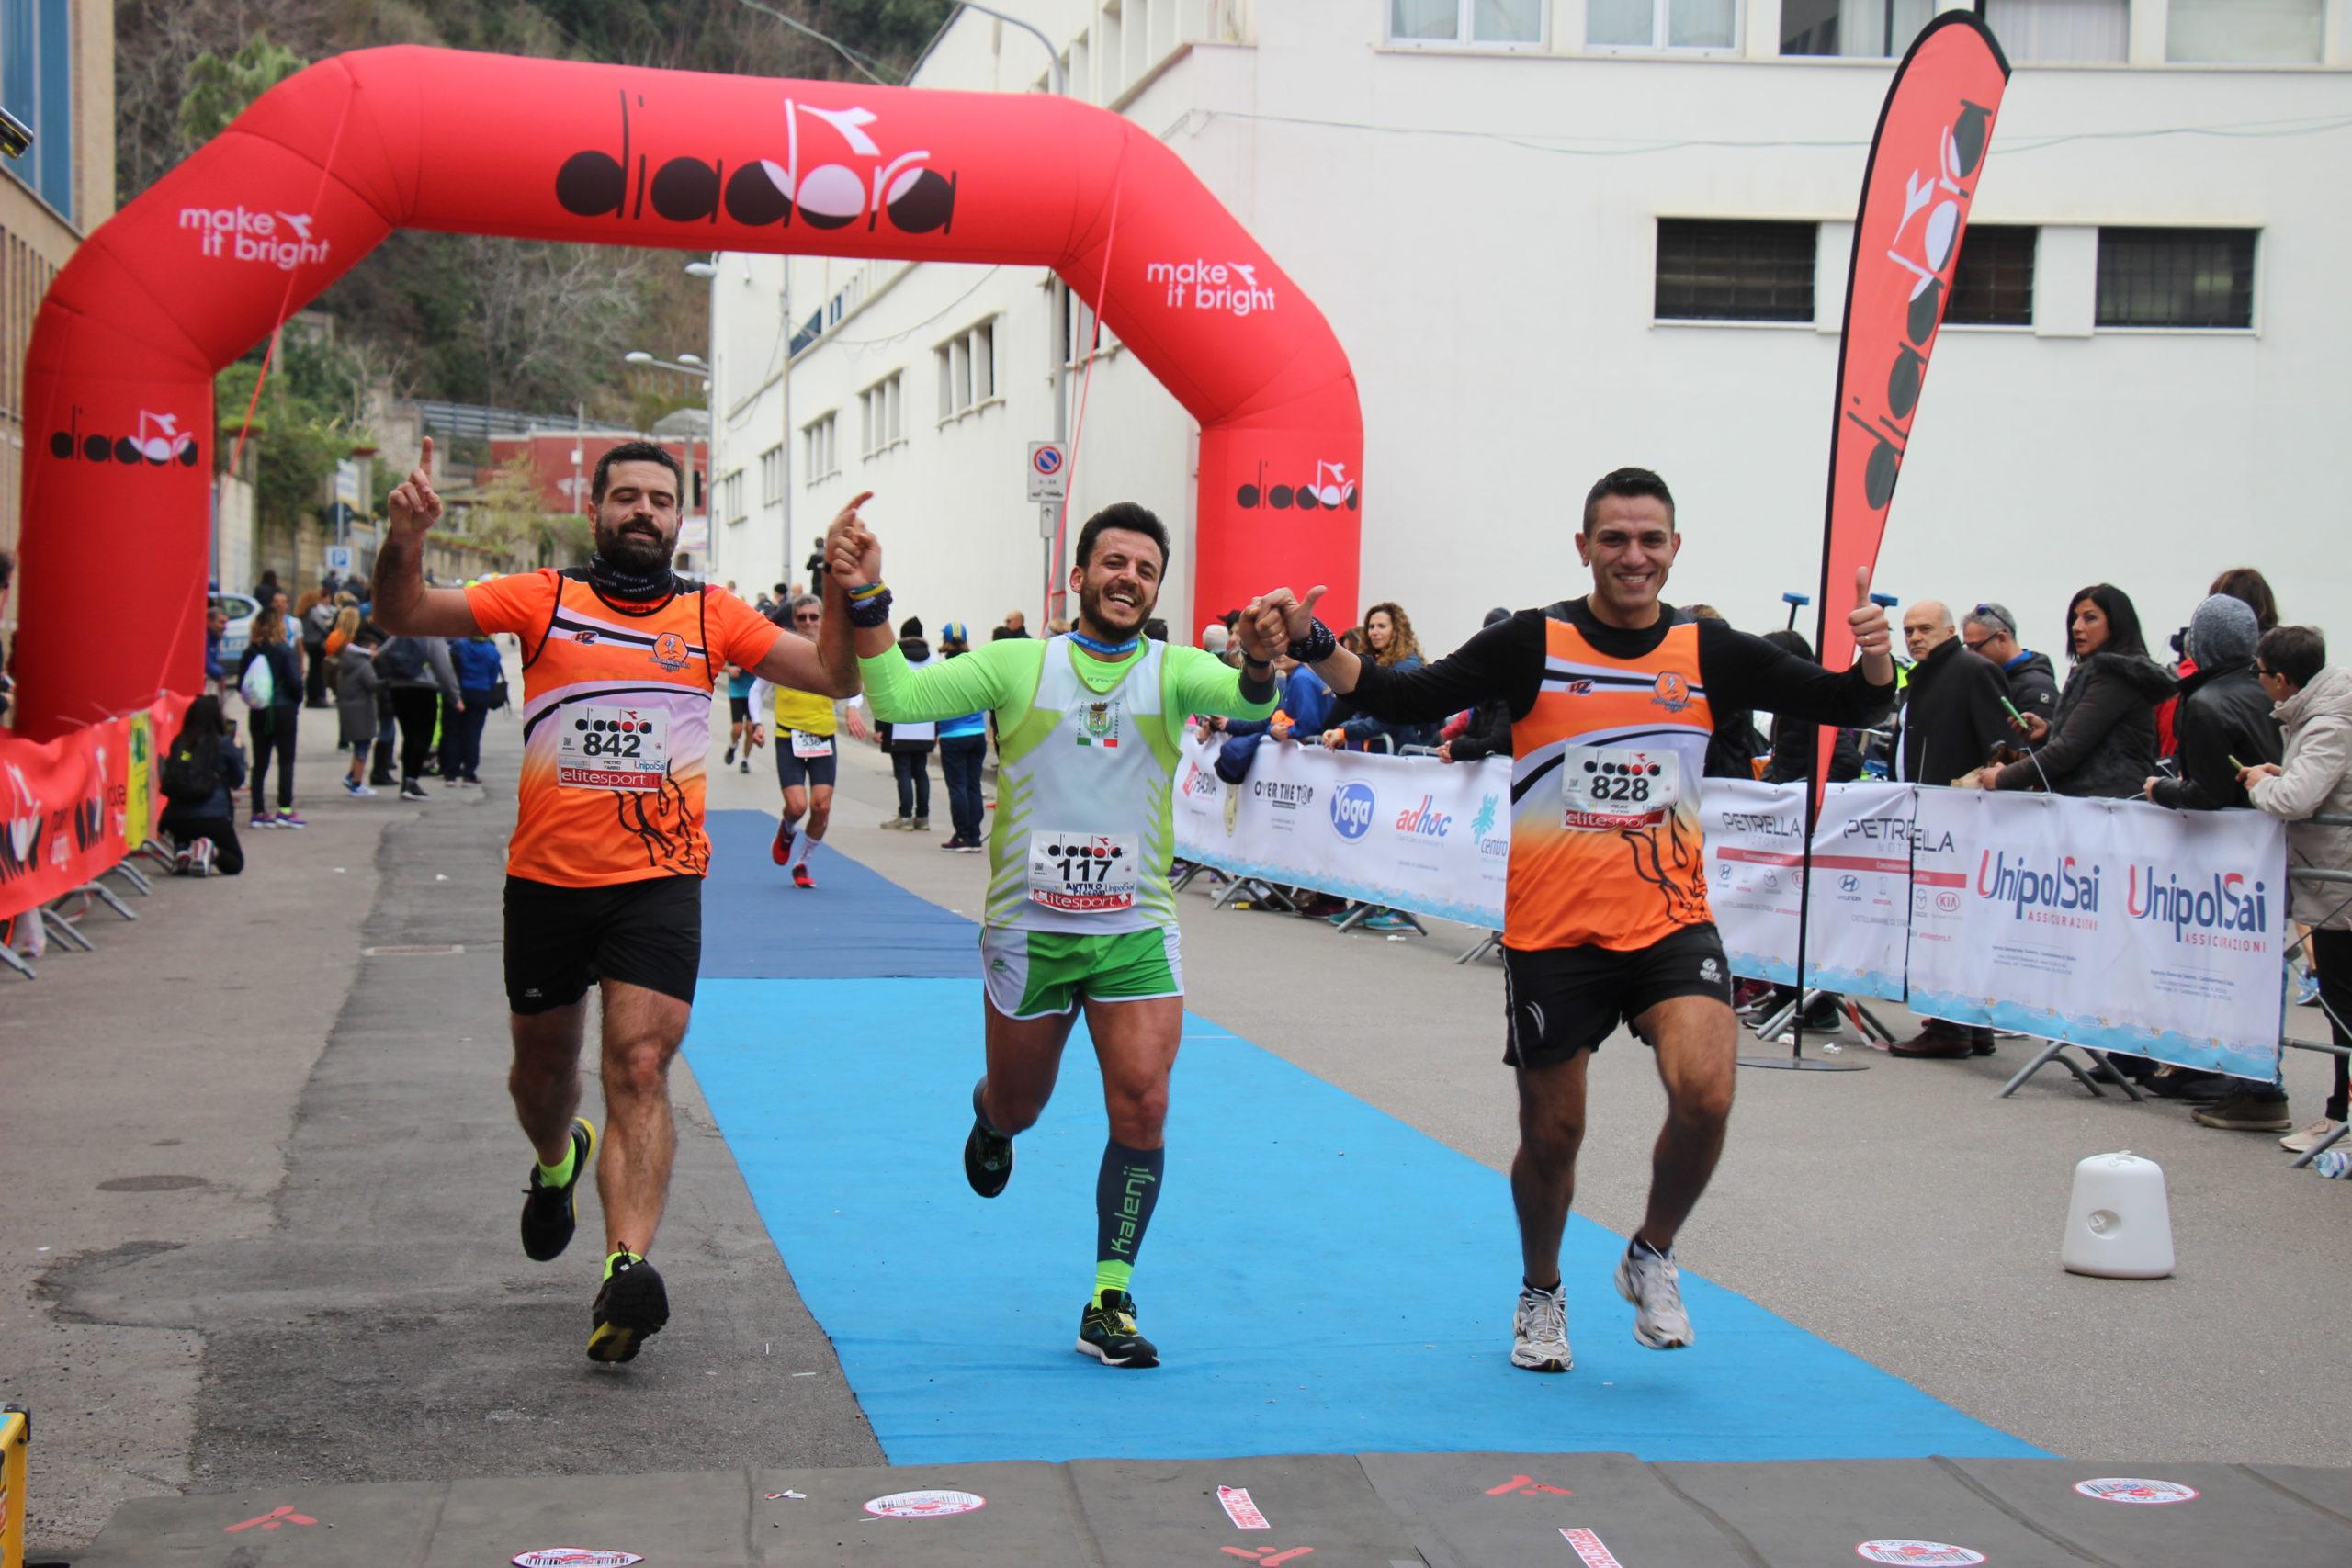 Stabiaequa Half Marathon 2020